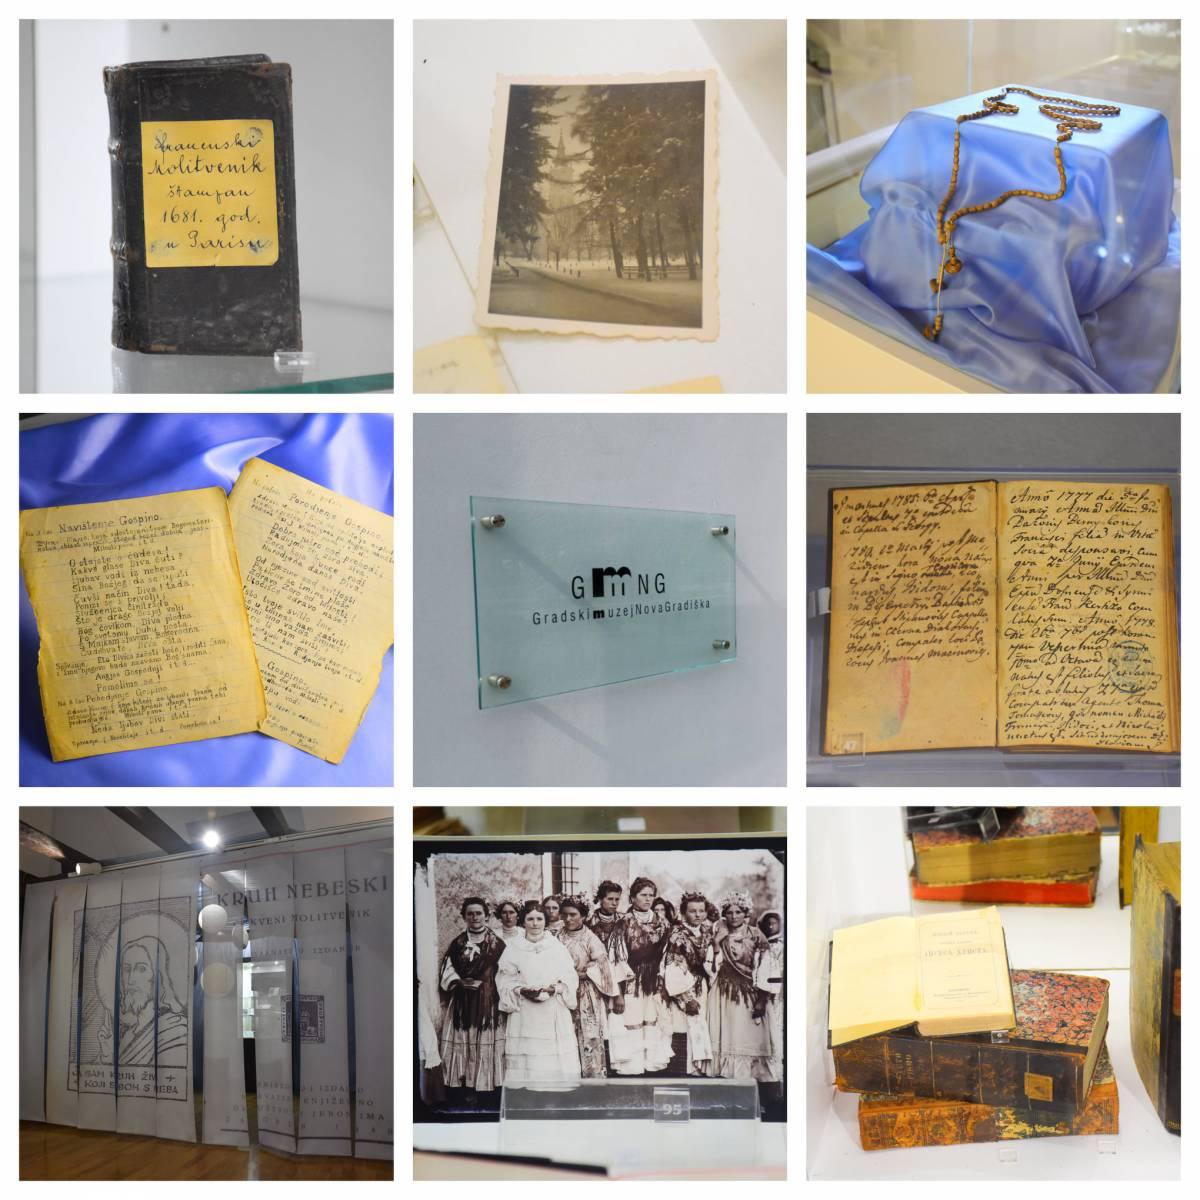 Izložba ʺKruh nebeskiʺ od jeseni svoj put nastavlja u Pakracu